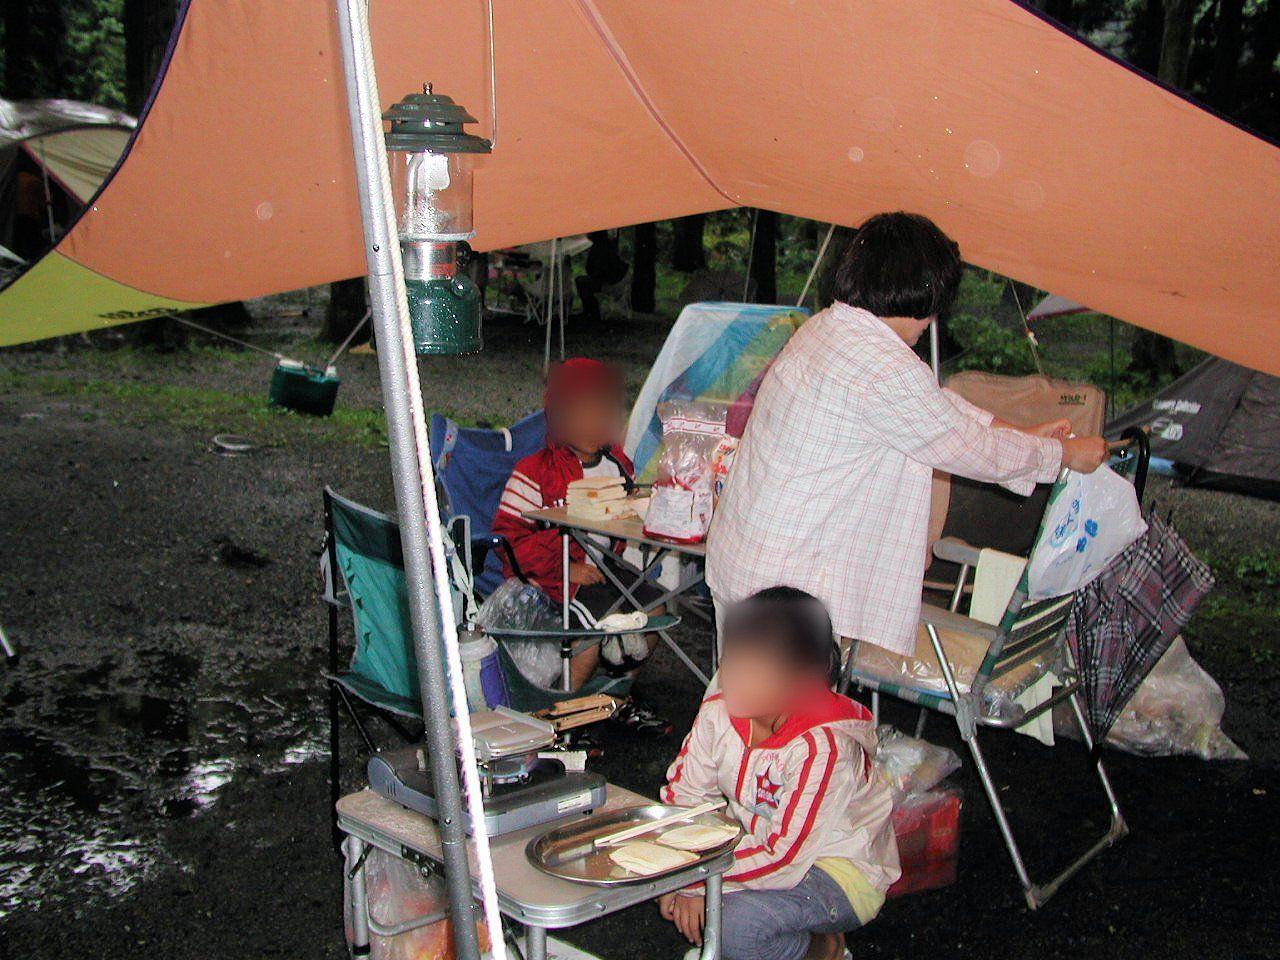 創意と工夫で思い出に残るキャンプを!